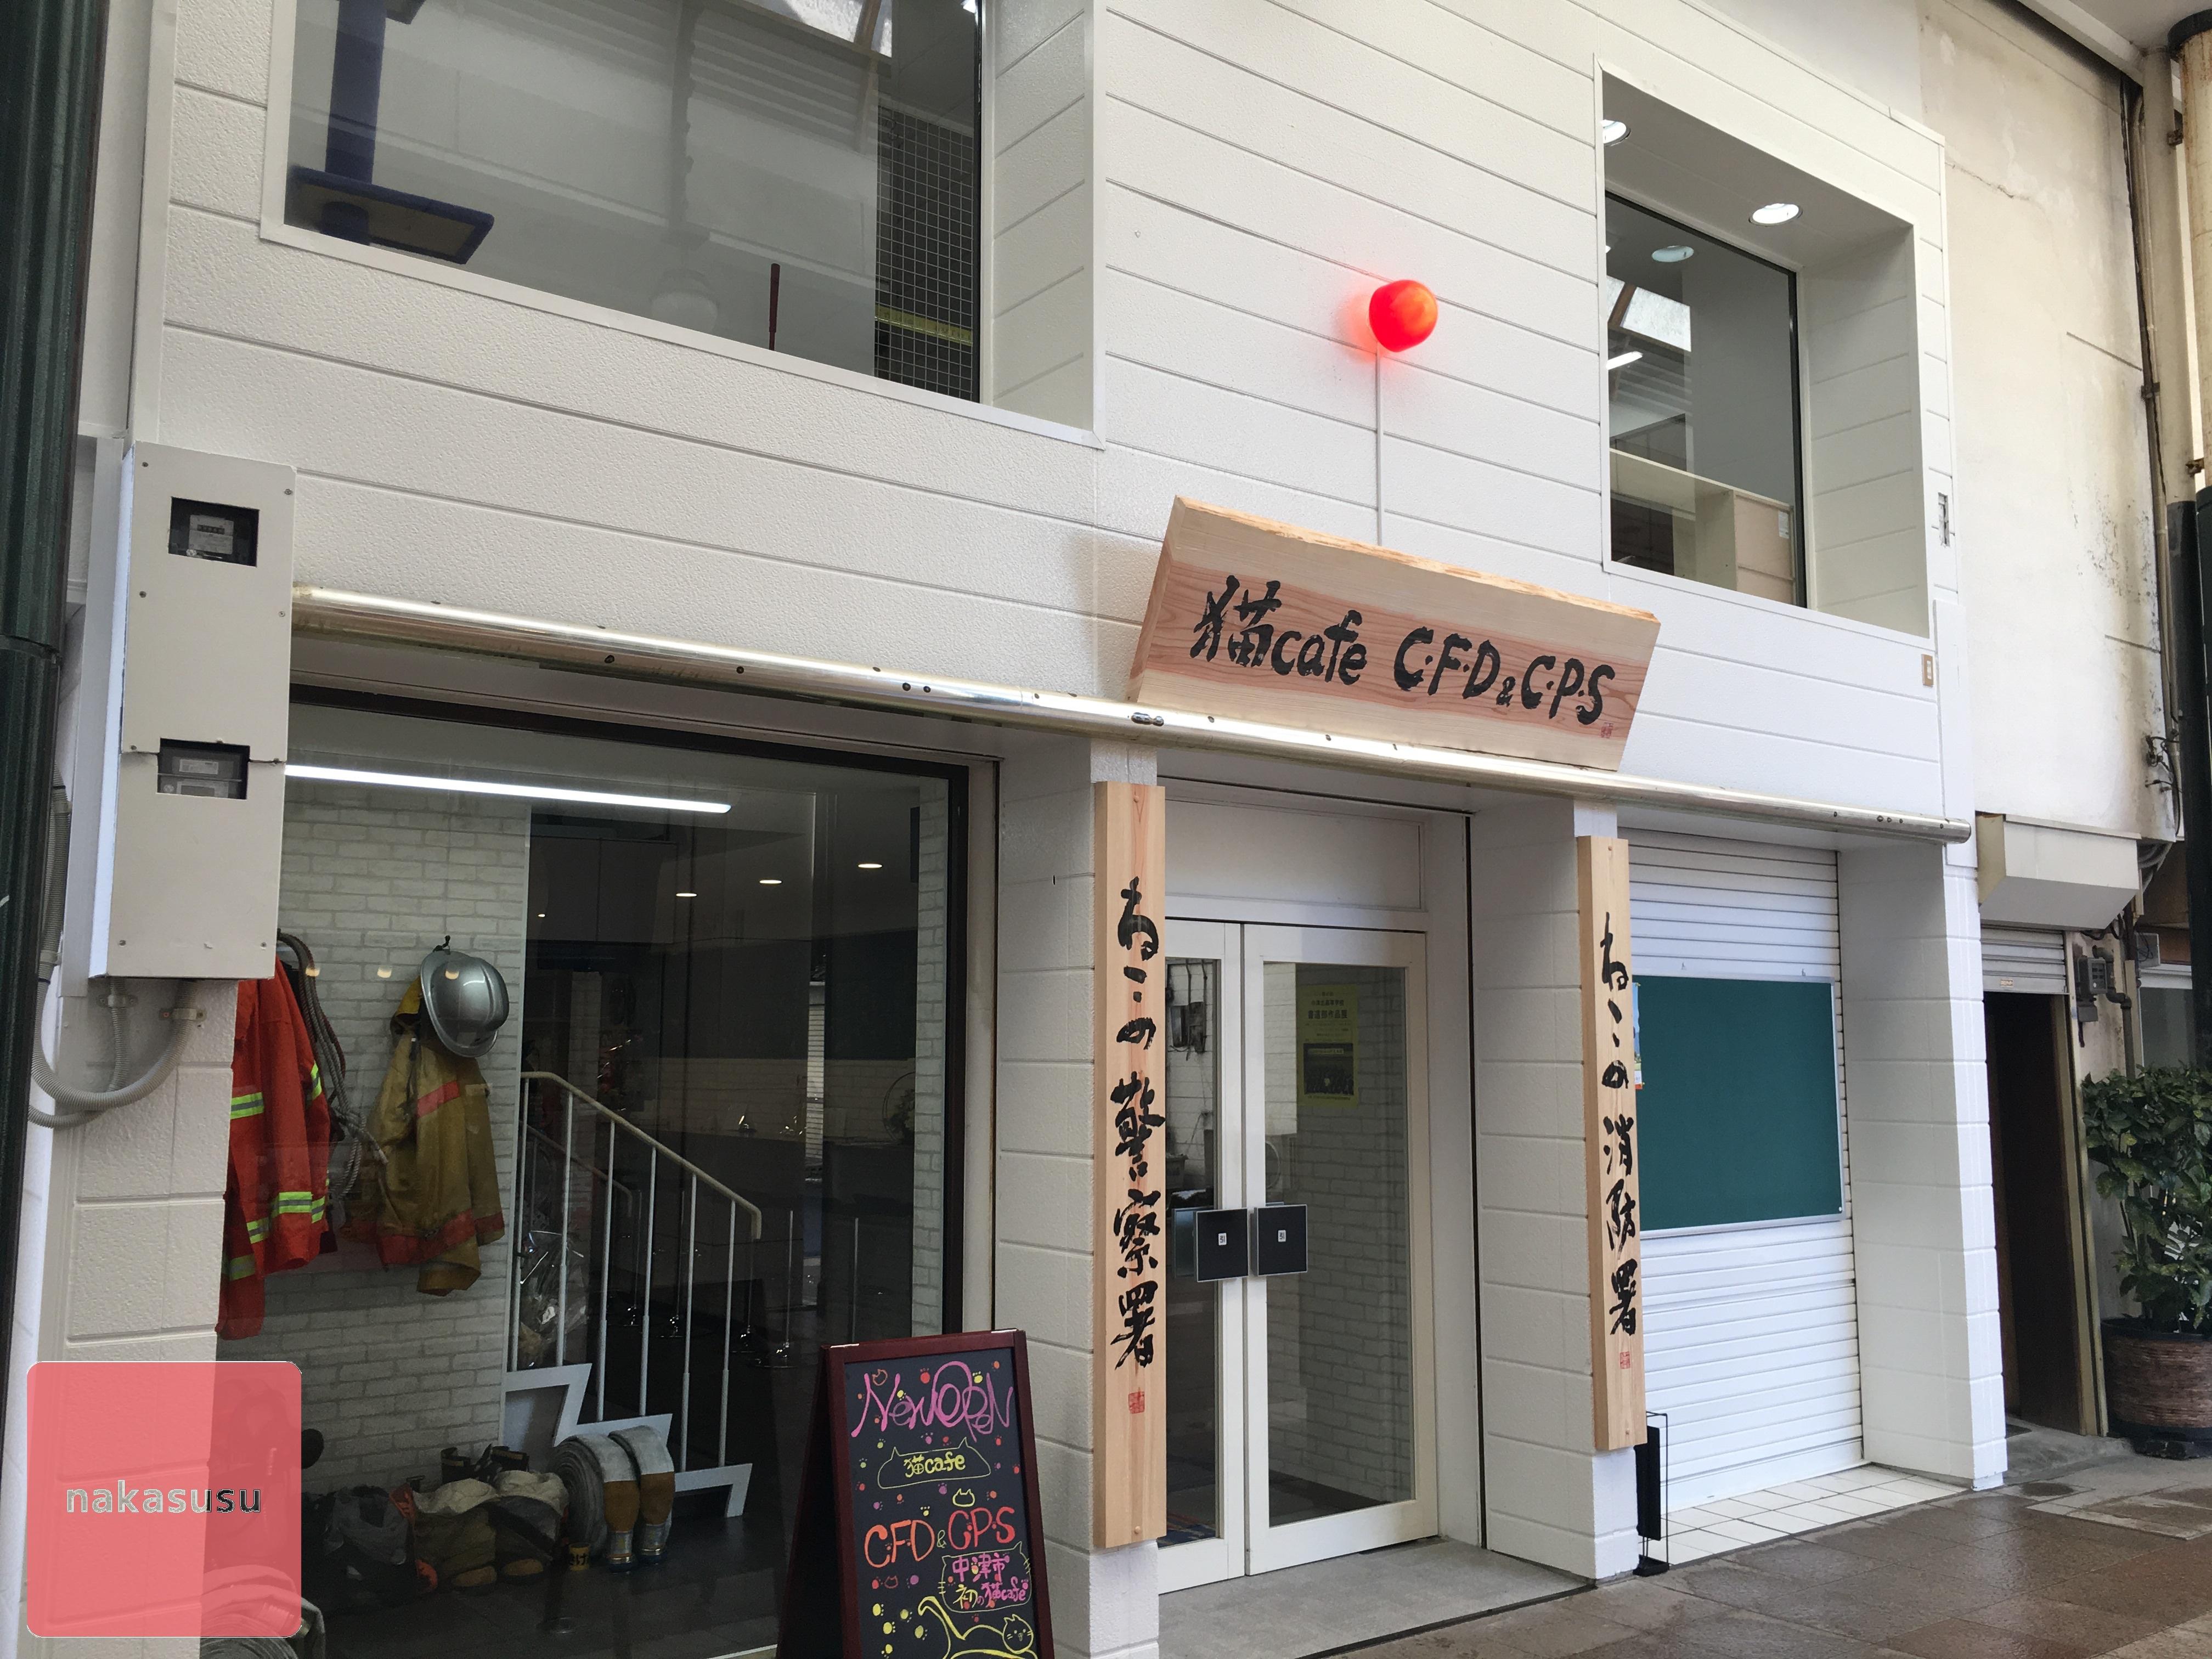 猫カフェだとぉ〜!?「猫cafe C・F・D&C・P・S」